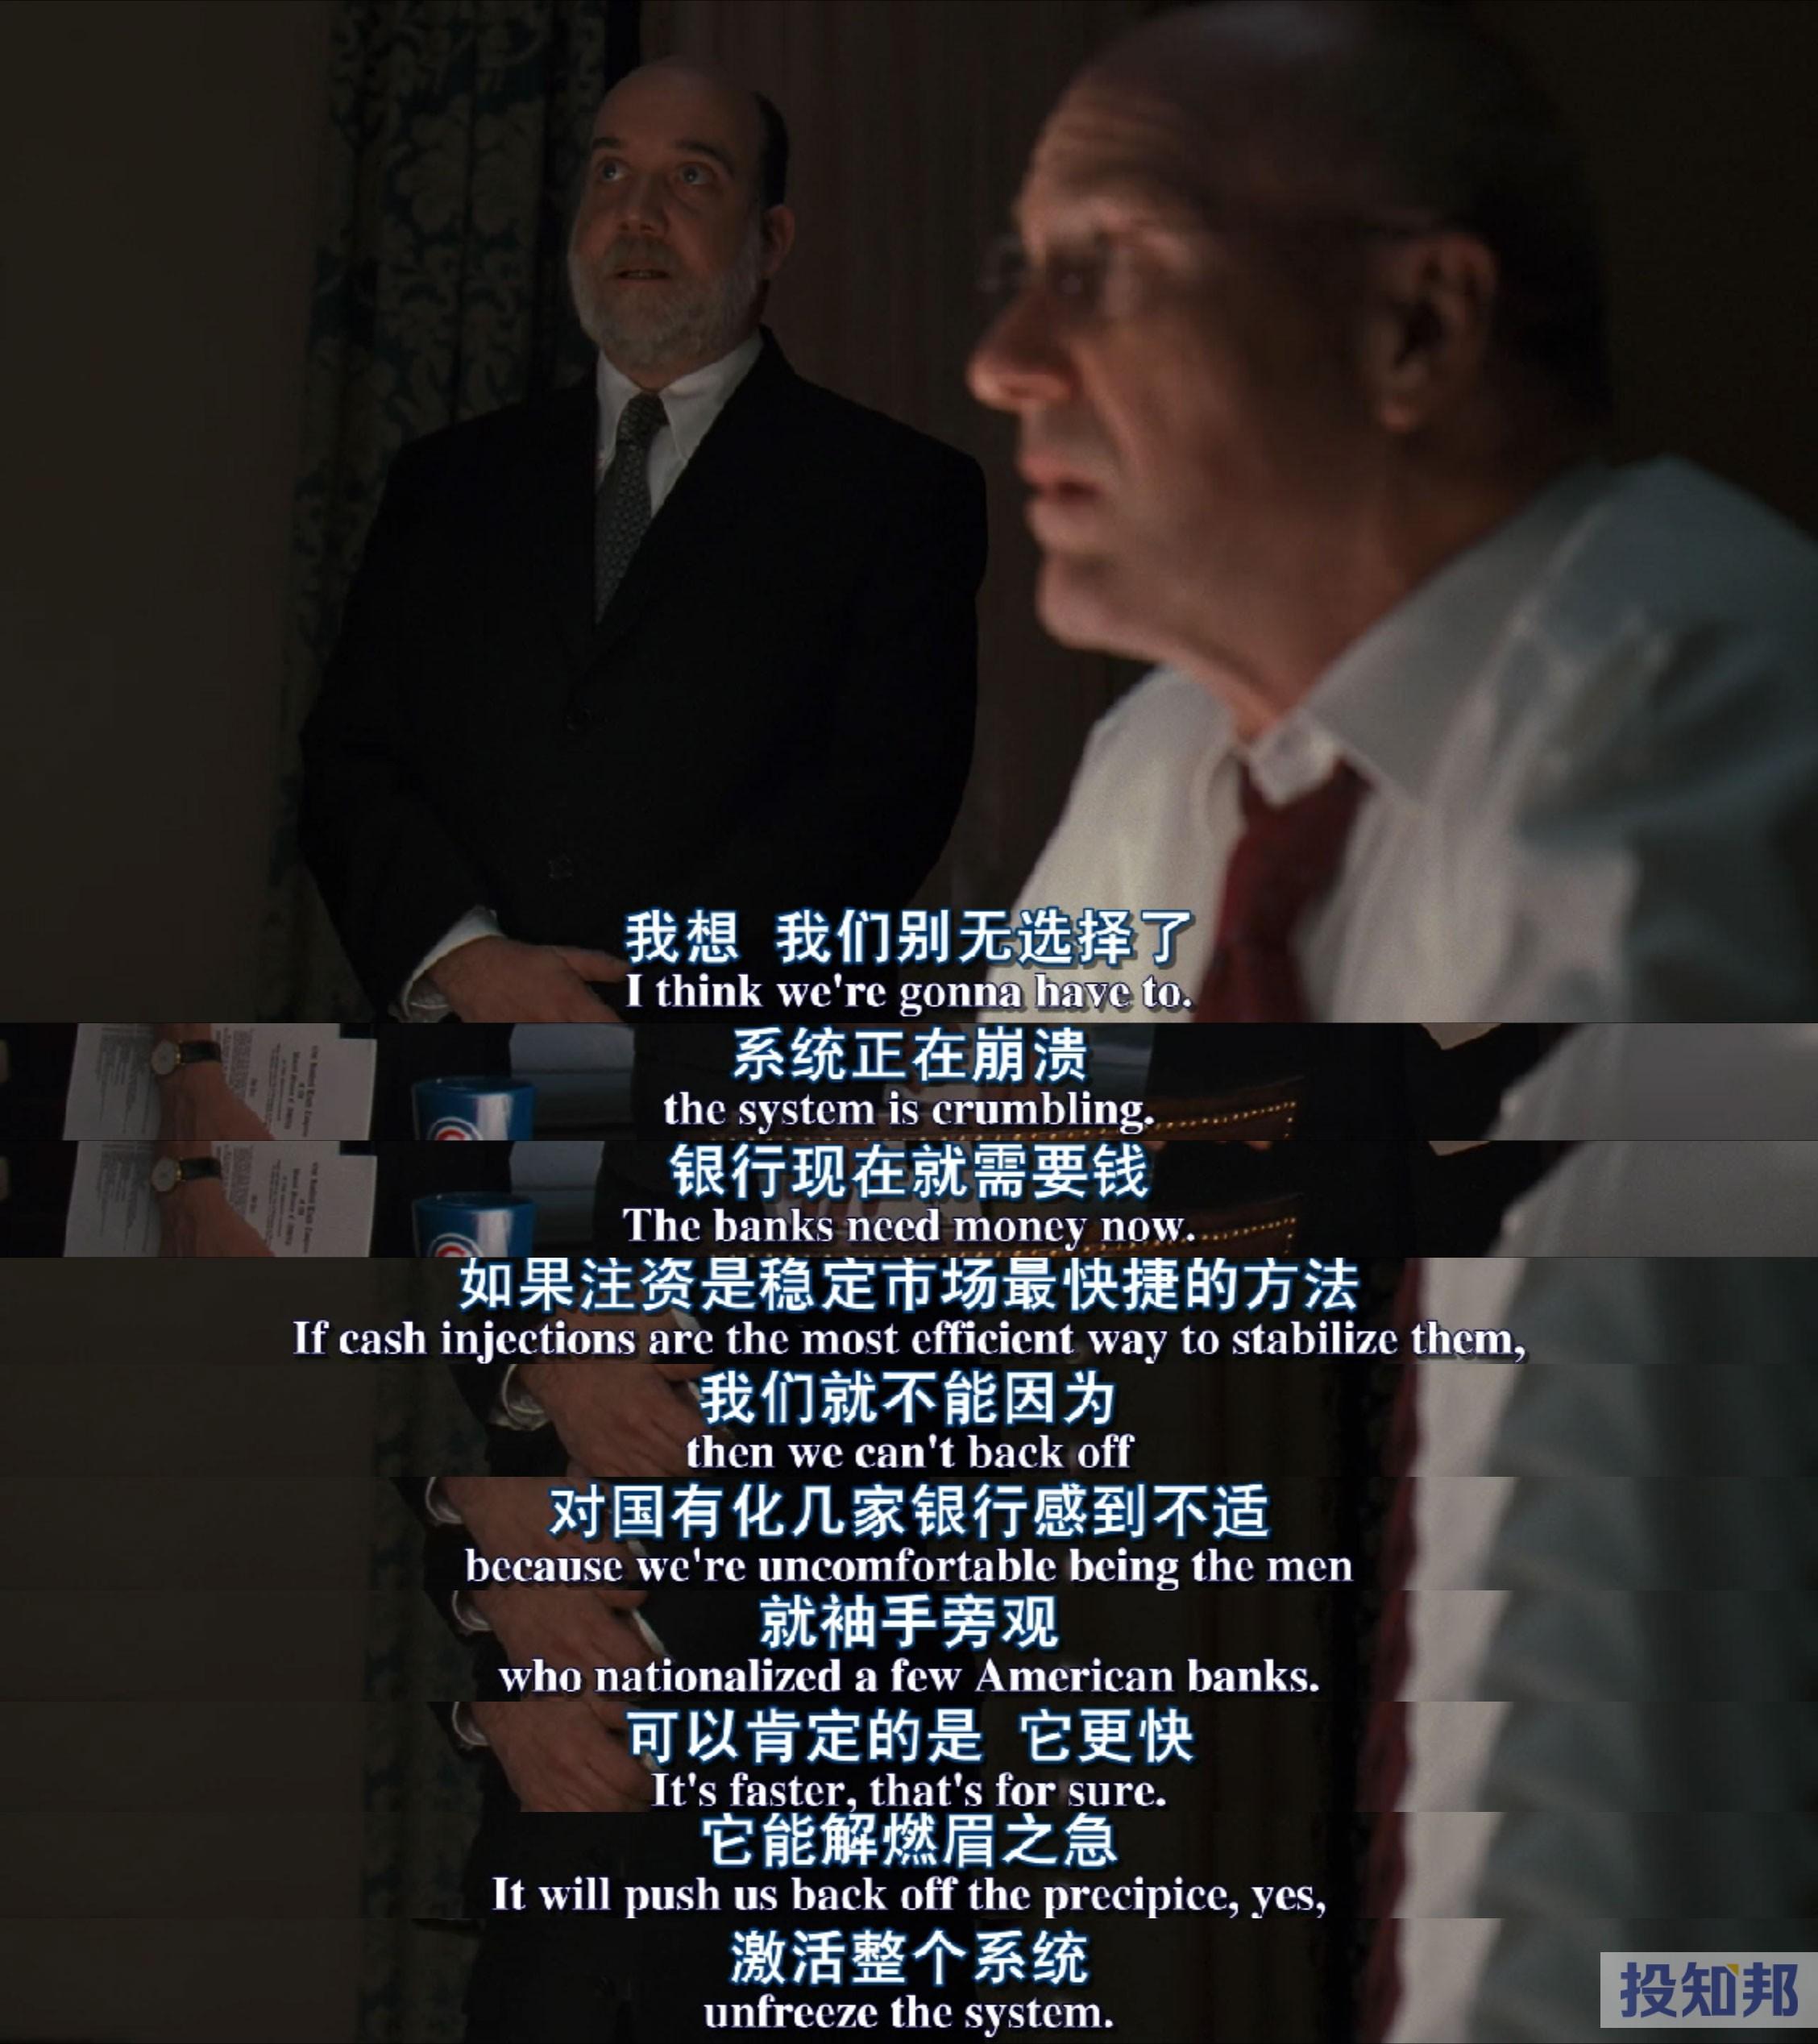 《大而不倒》 - 08年金融海啸美国政府如何救市